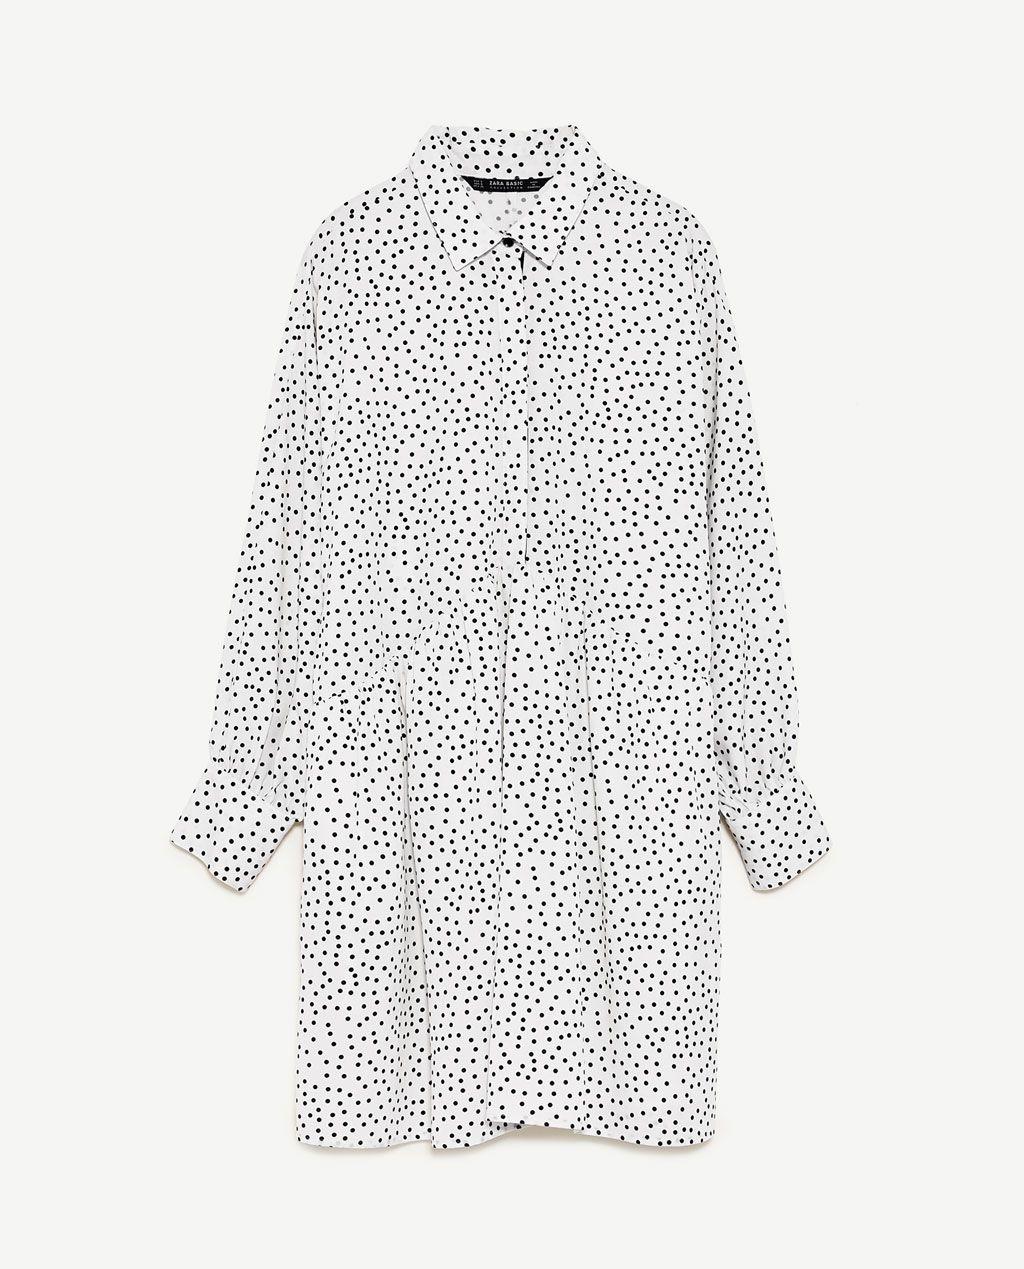 Image 8 Of Polka Dot Shirt Dress From Zara Hemdblusenkleid Lange Hemdkleid Hemd